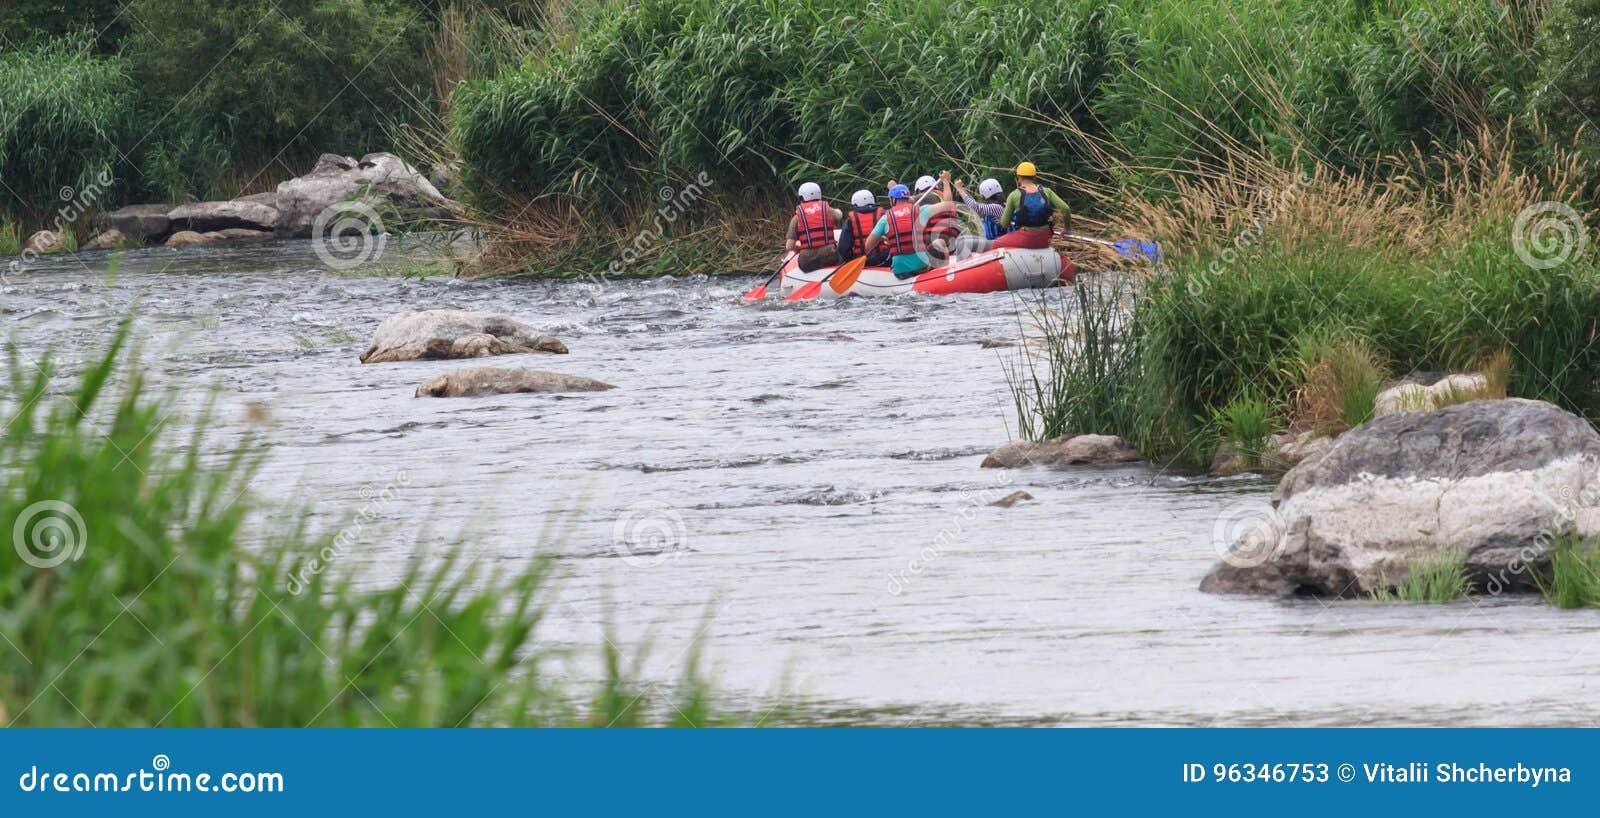 Migea Ucrania - 17 de junio de 2017 Grupo de aventurero que goza del agua que transporta actividad en balsa en el río Migea Ucran